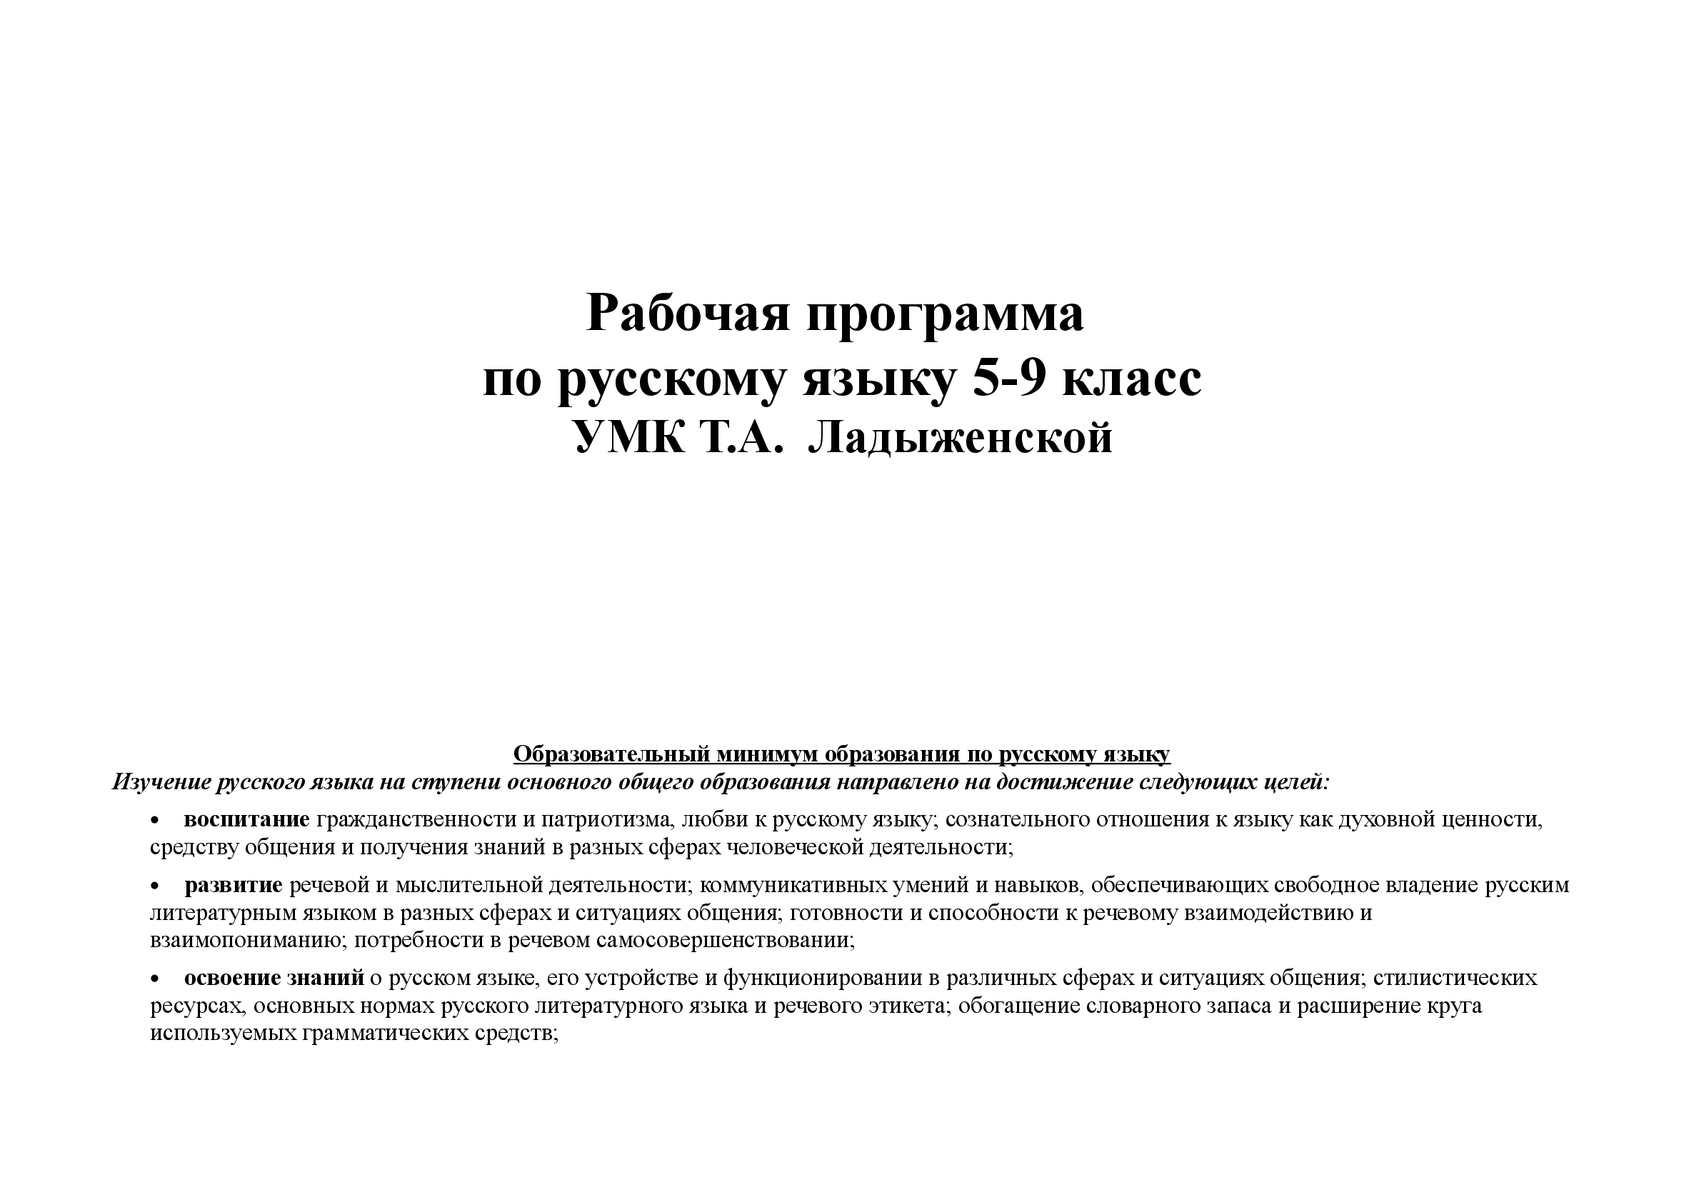 Программа по русскому языку 5-9 класс под ред баранова м.т ладыженской т.а